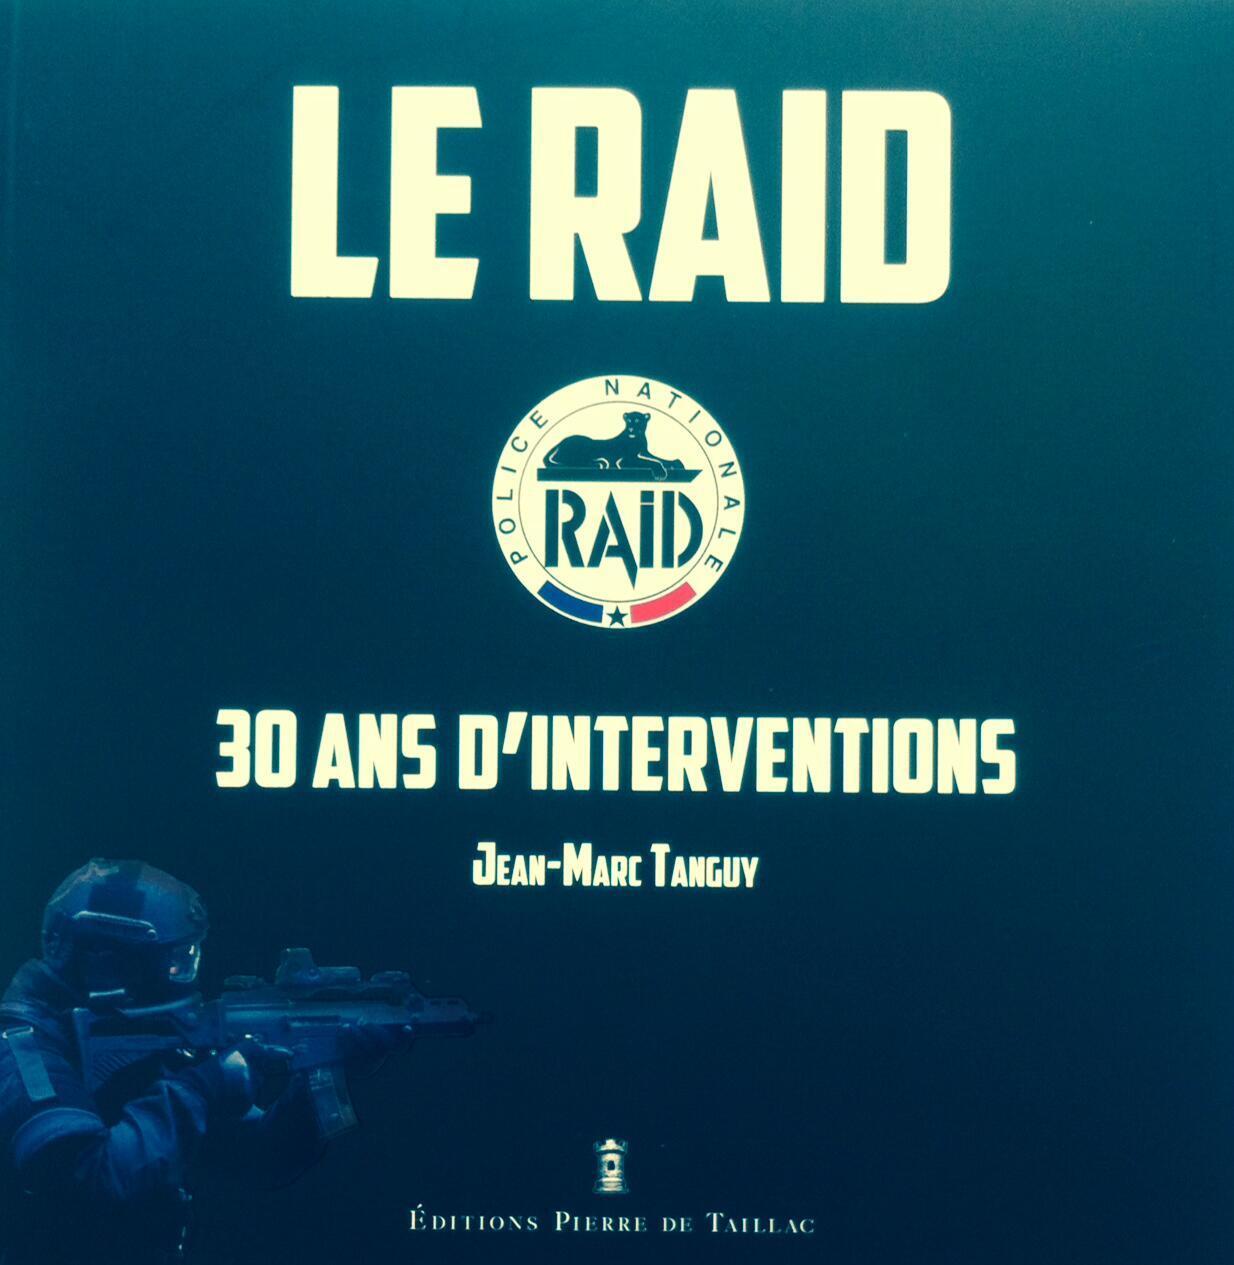 La couverture du livre «Le RAID, 30 ans d'interventions» de Jean-Marc Tanguy.